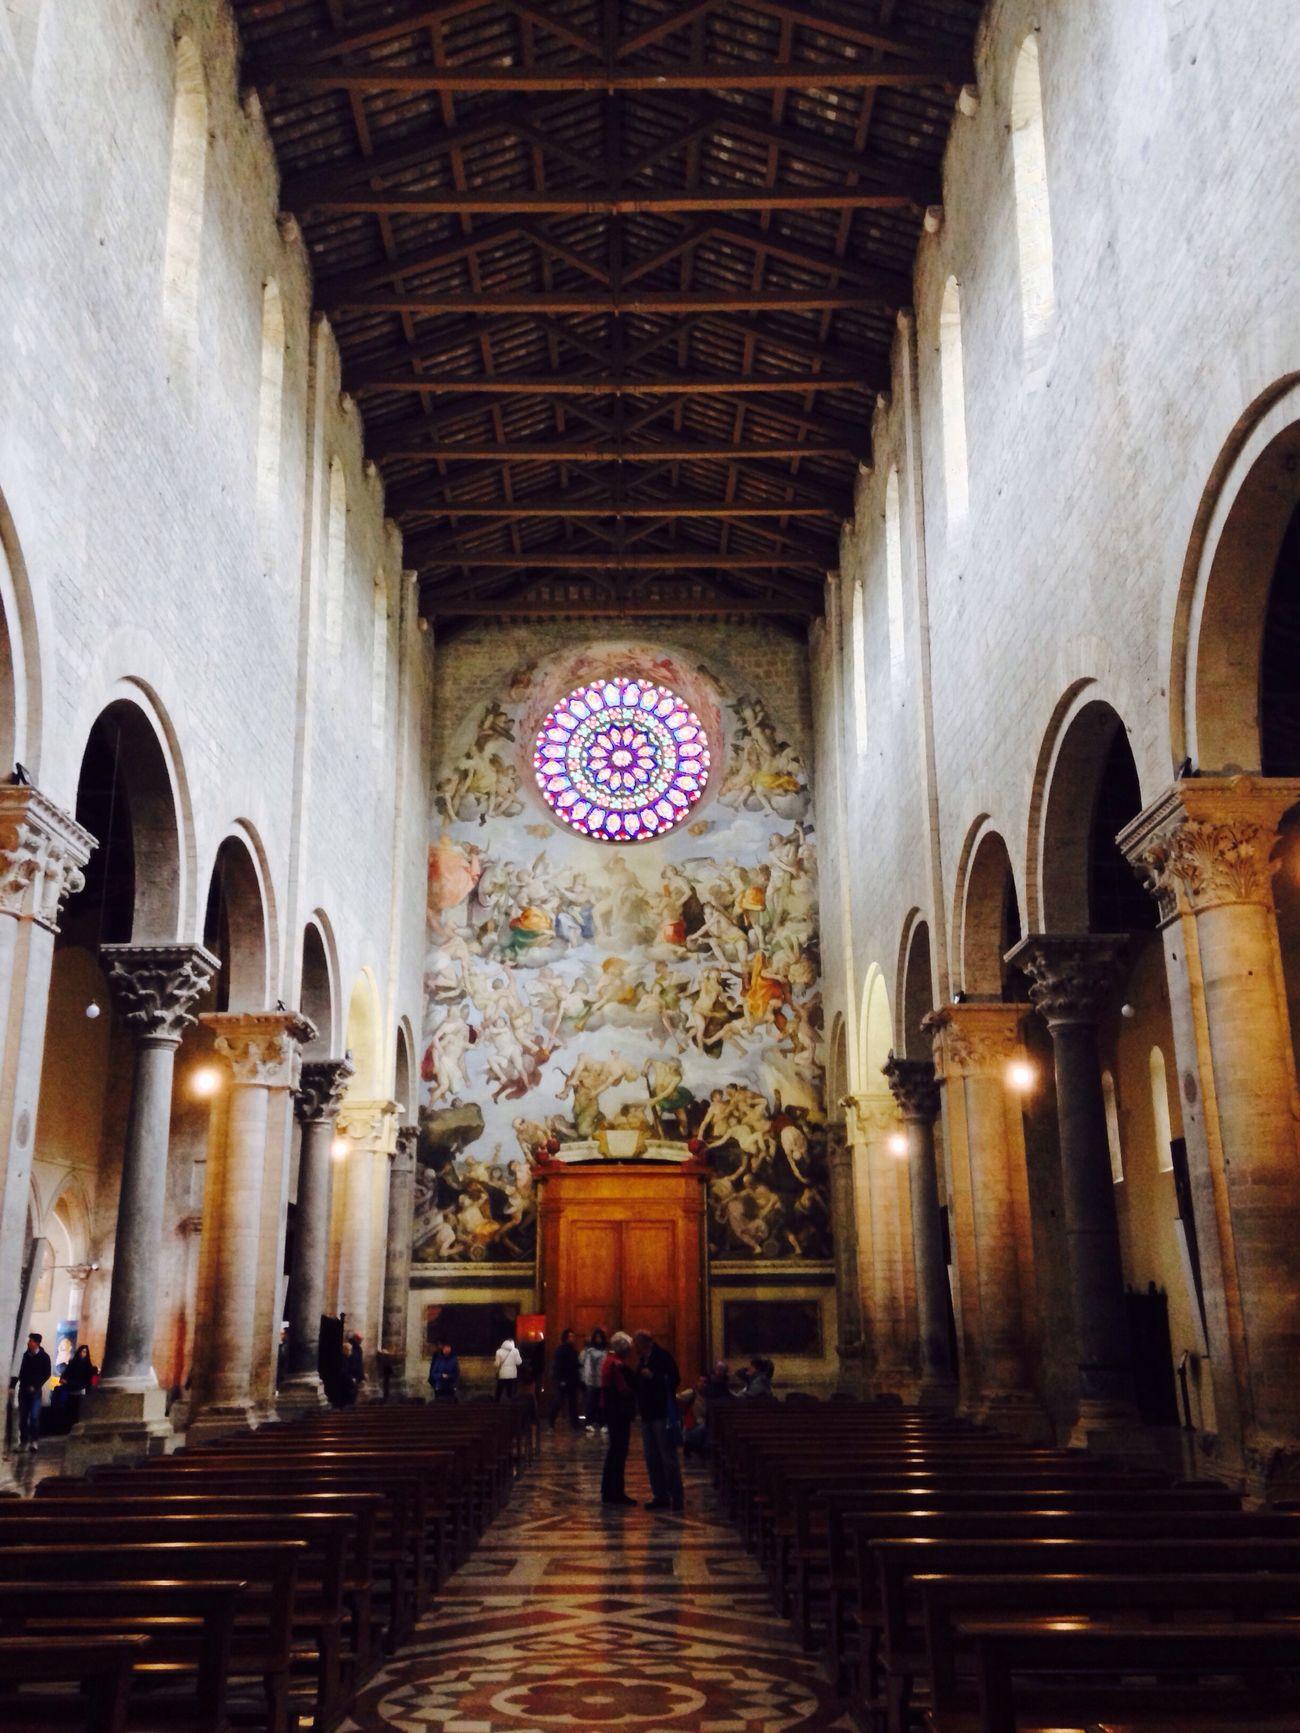 Church Cristianity Religious  Religious Art Religious Architecture Detail Italy Todi  Umbria Perugia